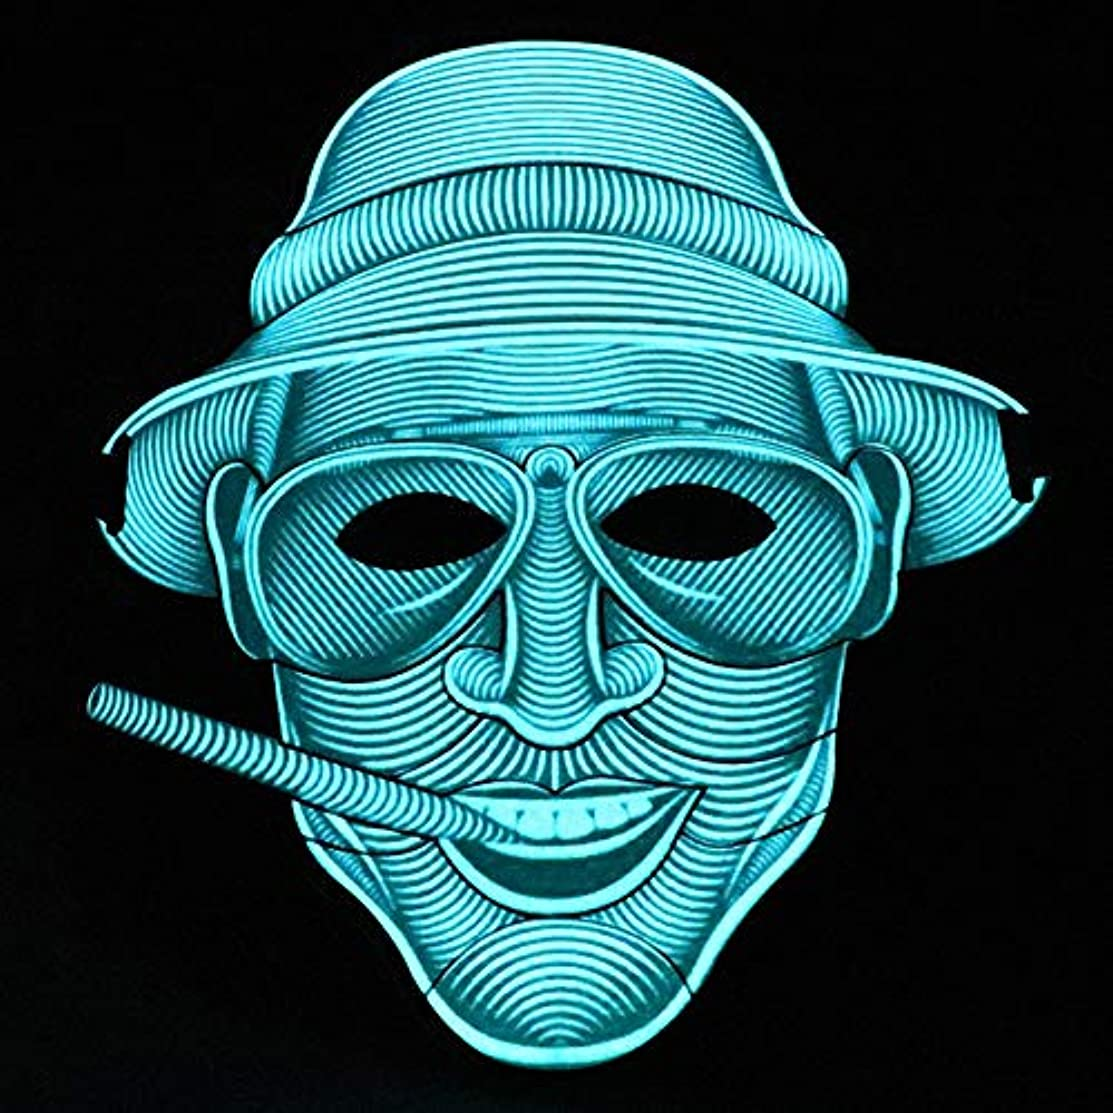 デザートバングラデシュクール照らされたマスクLED創造的な冷光音響制御マスクハロウィンバーフェスティバルダンスマスク (Color : #13)